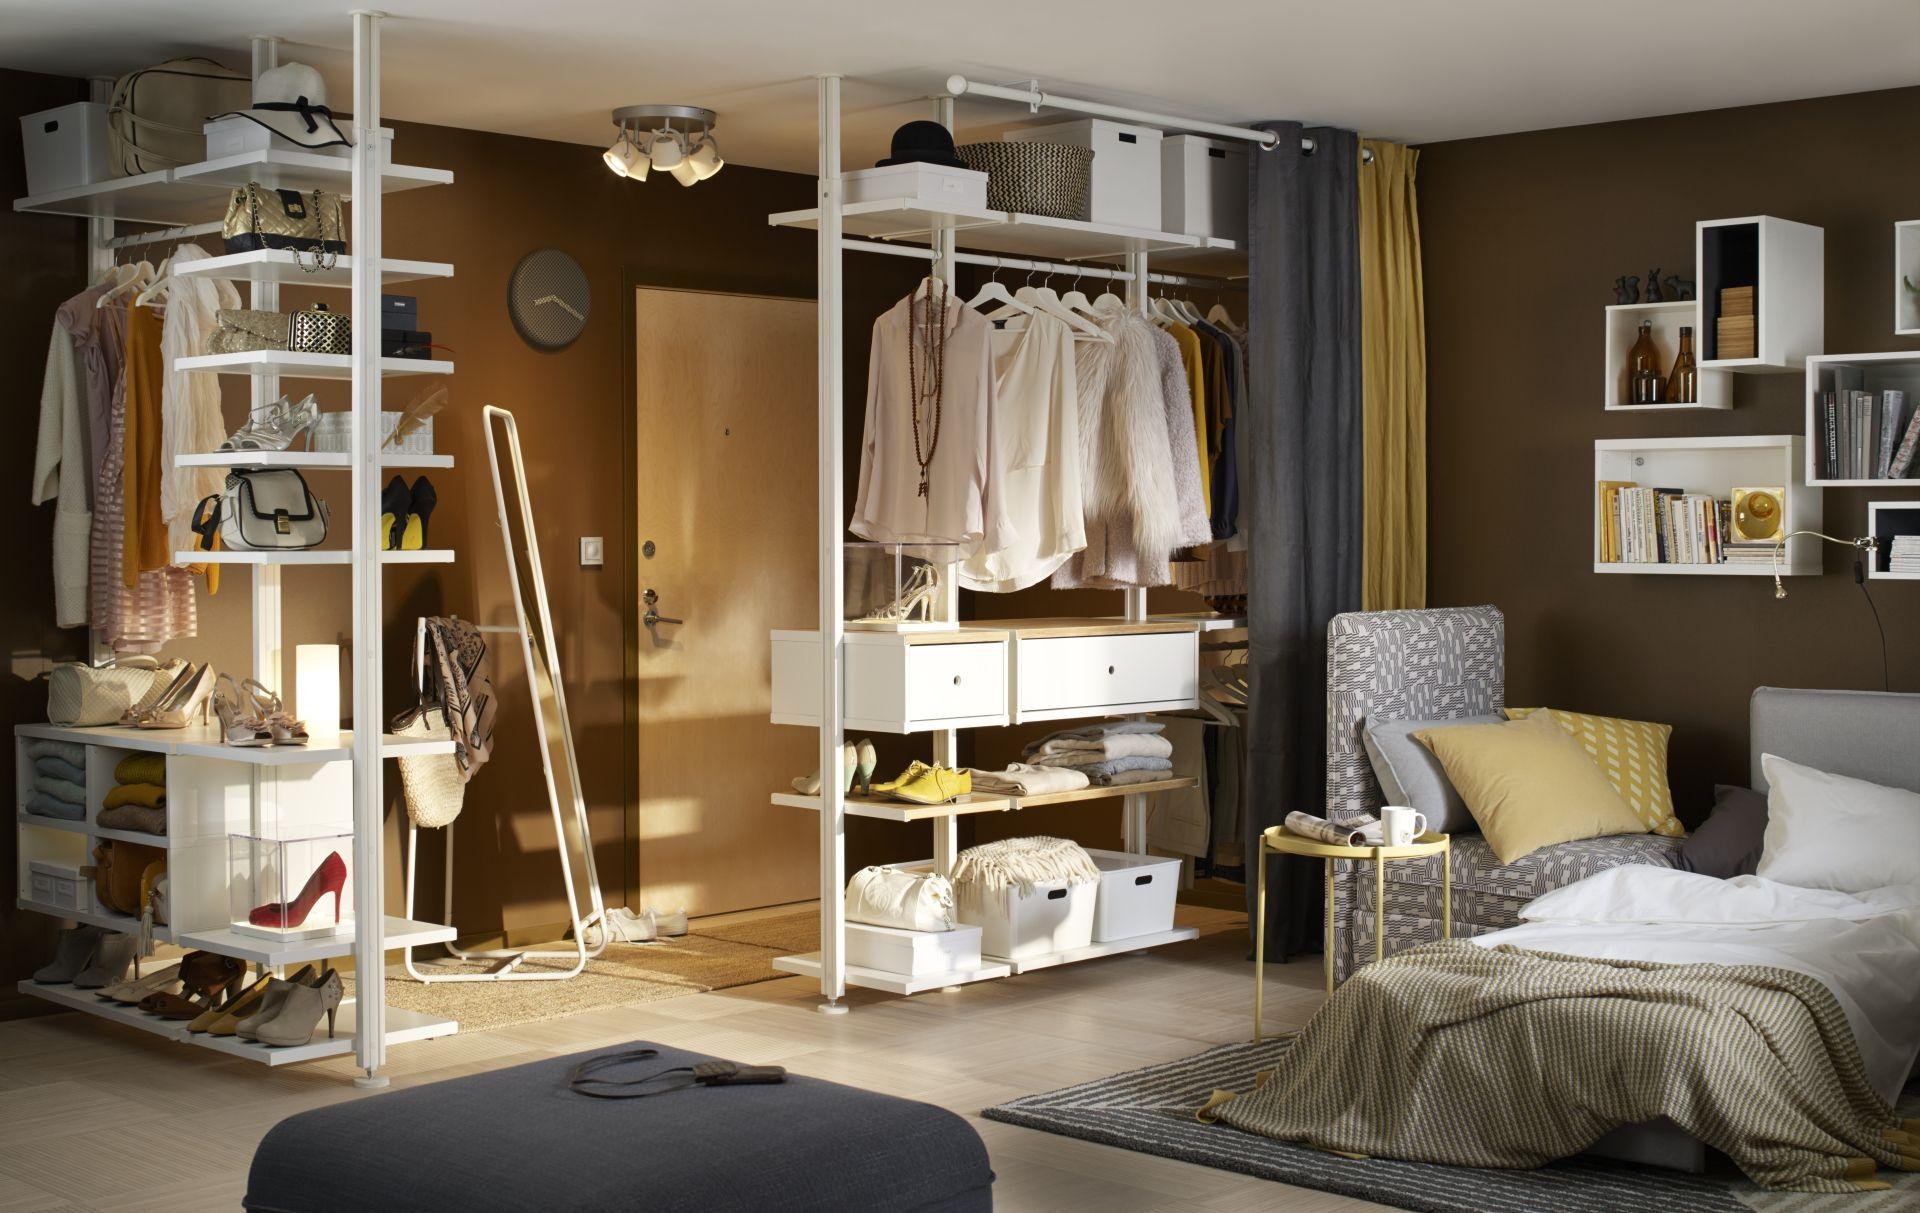 ELVARLI combinatie   IKEA IKEAnederland IKEAnl wooninspiratie ...